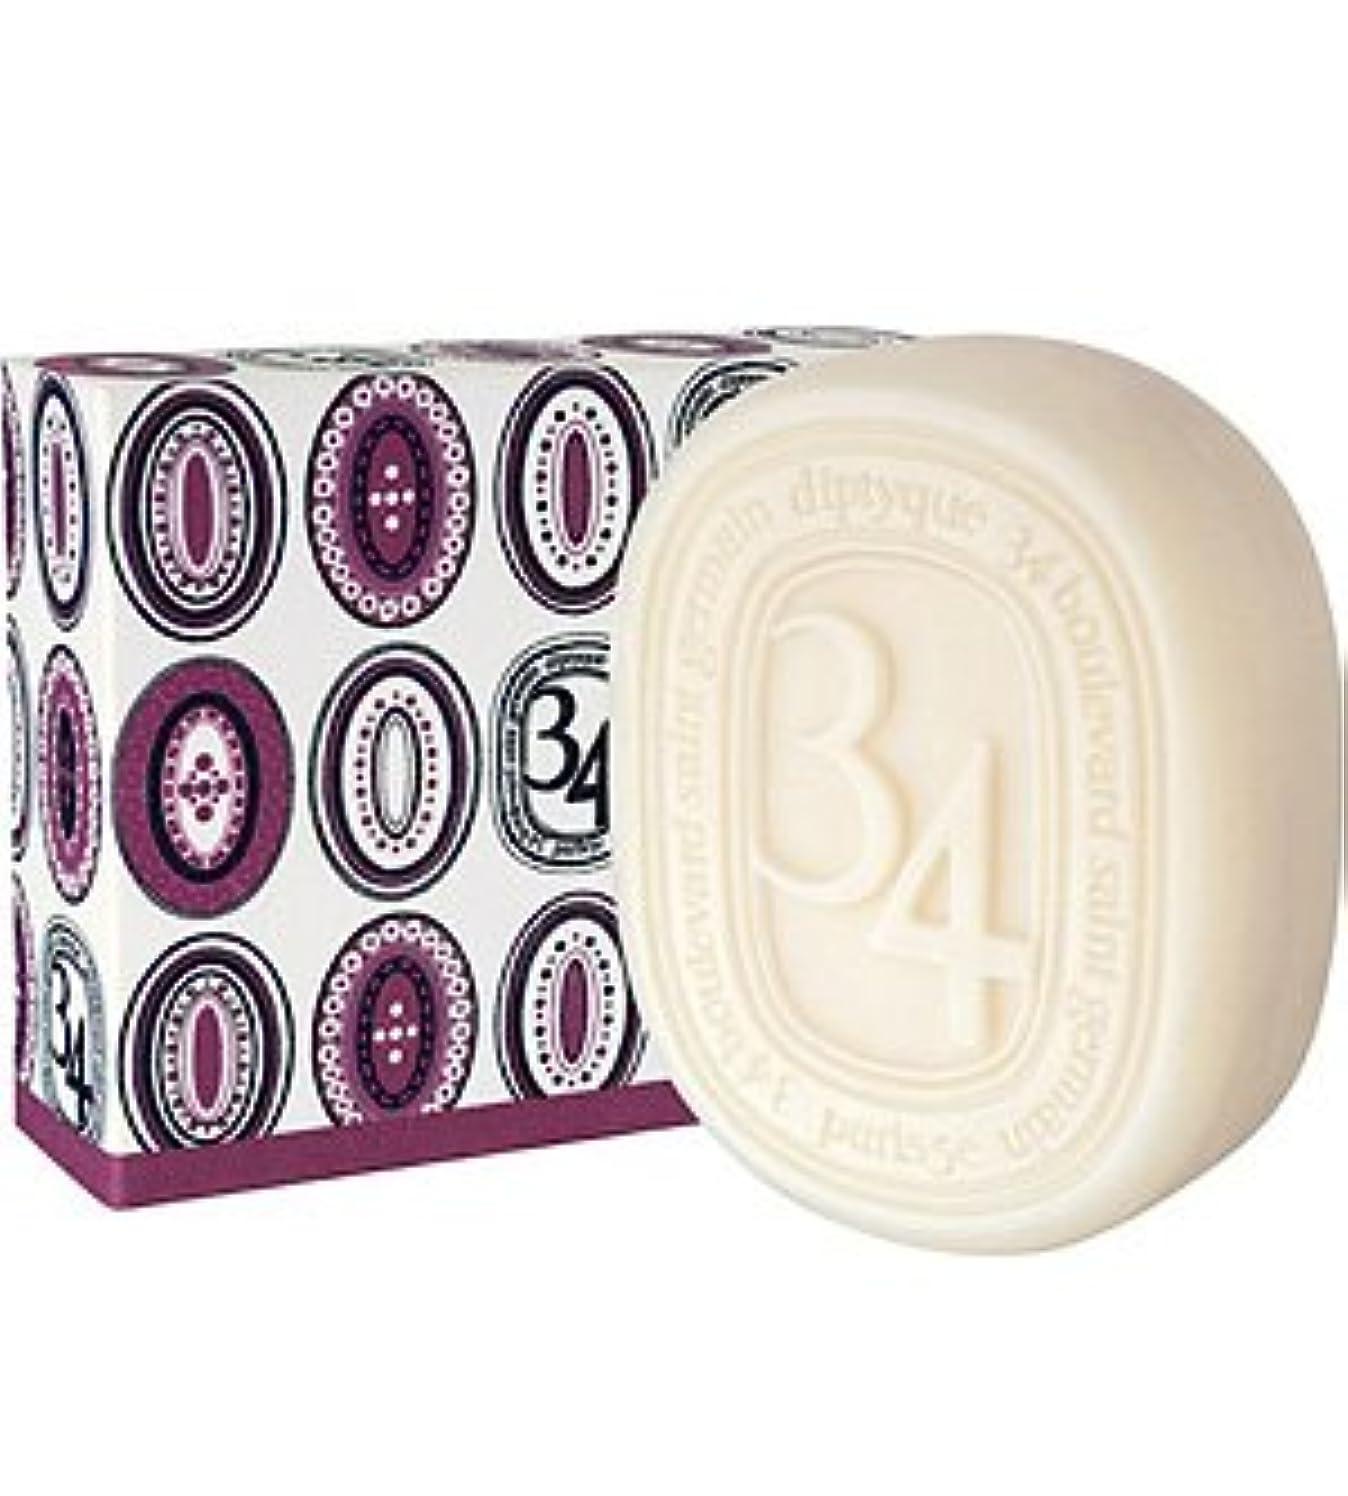 正確母性不従順Diptyque - 34 Boulevard Saint Germain (ディプティック 34 ブールバード セイント ジャーマン) 200 g Soap (固形石鹸)